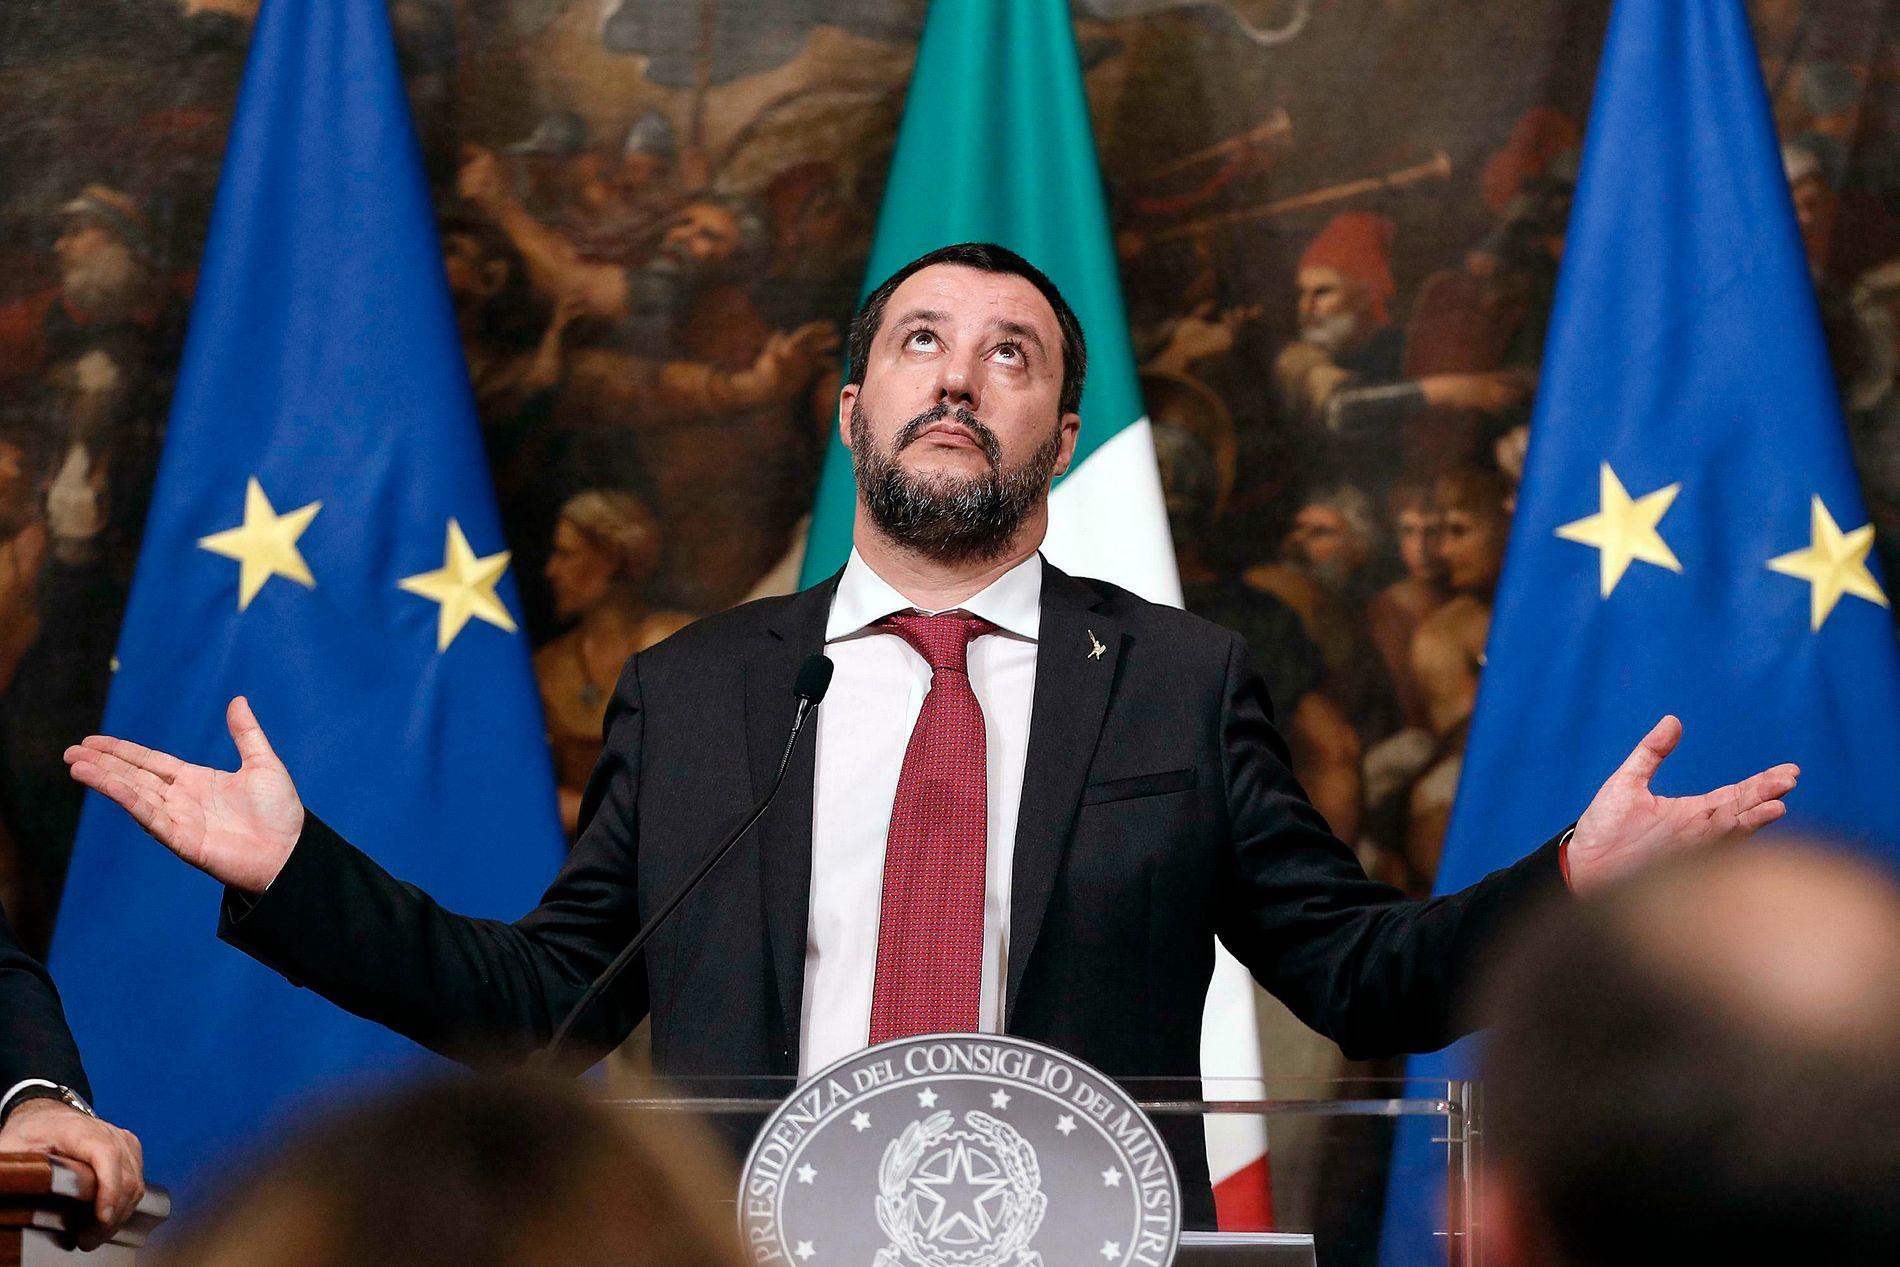 MAMMA MIA!: Italias visestatsminister Matteo Salvini fra det høyrepopulistiske regjeringspartiet La Lega er i åpen konfrontasjon med Frankrikes president, Emmanuel Macron.